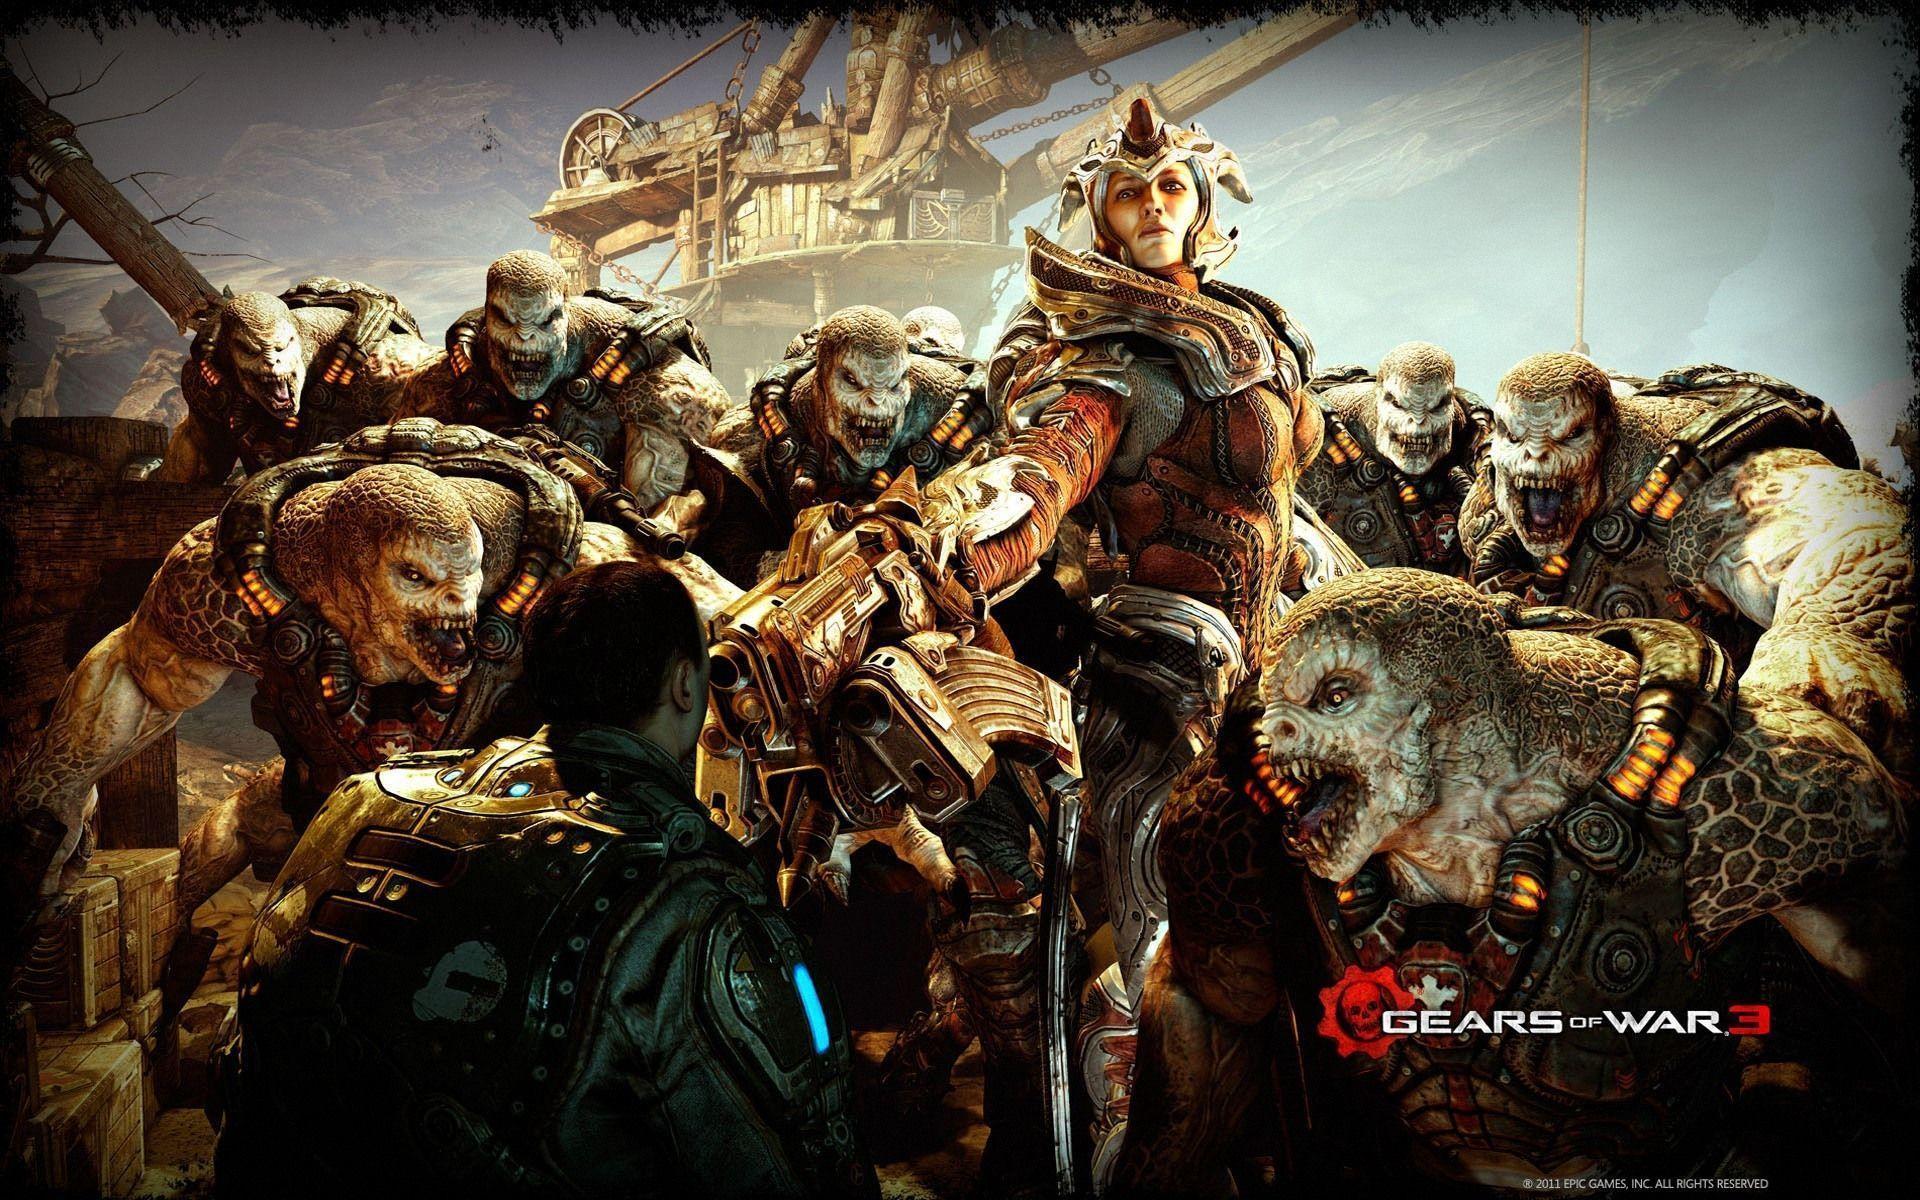 Gears Of War 3 Wallpapers HD - Wallpaper Cave